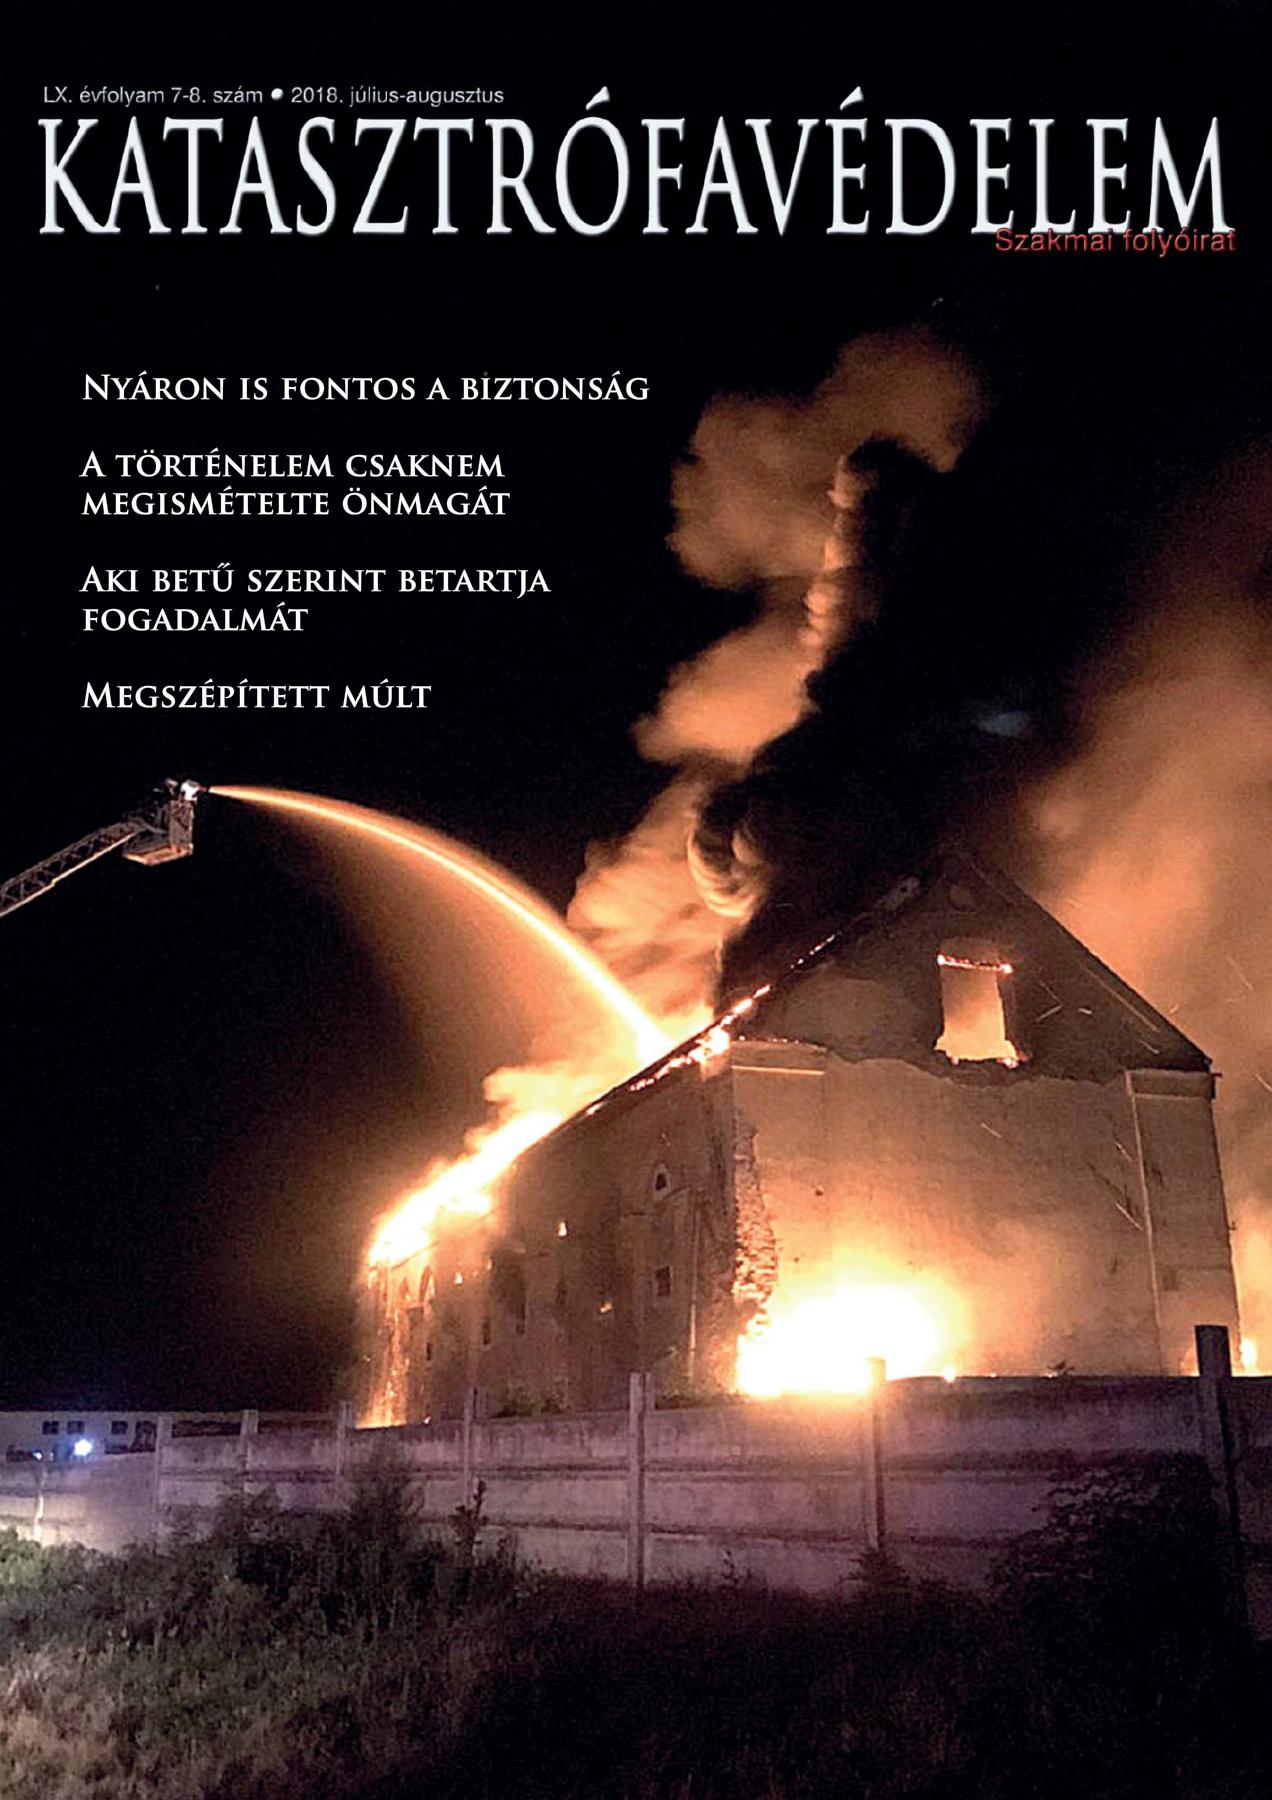 A Katasztrófavédelem magazin LX. évfolyam 7-8. szám megtekintése